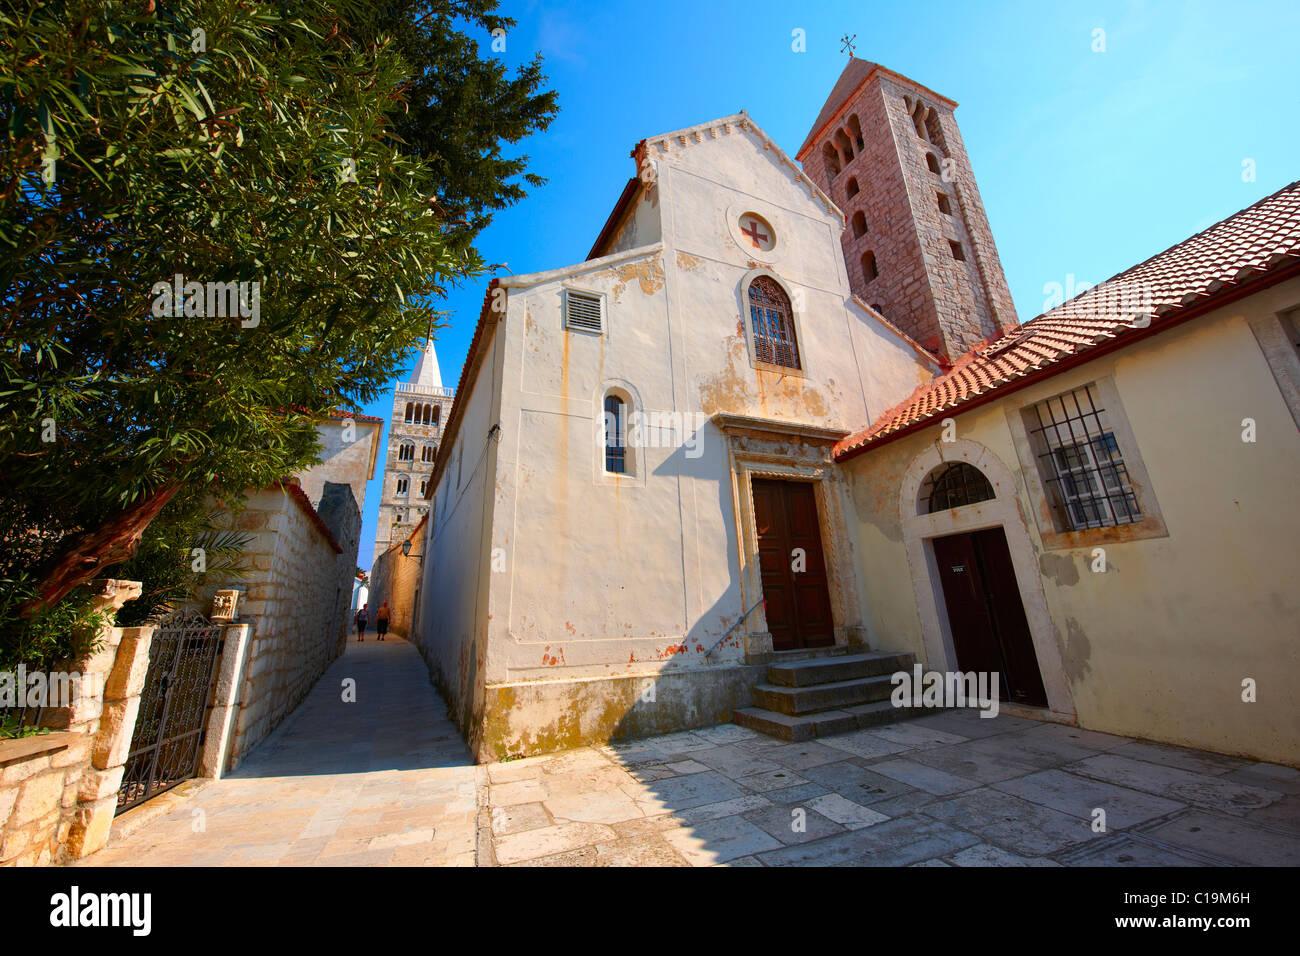 La chapelle du couvent bénédictin de St Andrew, Rab ville, l''île de Rab, Croatie. Photo Stock